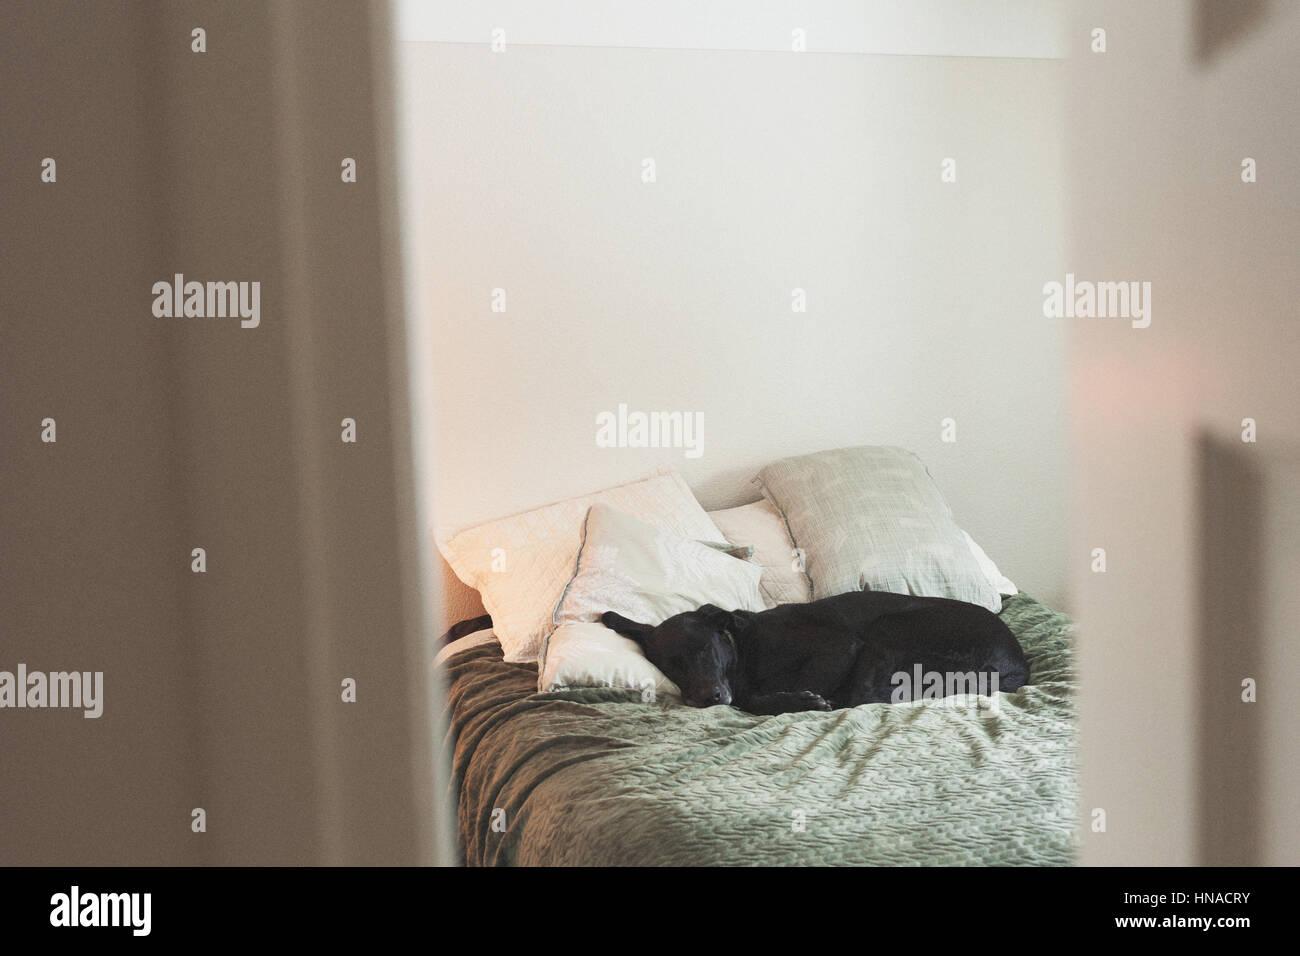 Big black dog resting on bed - Stock Image